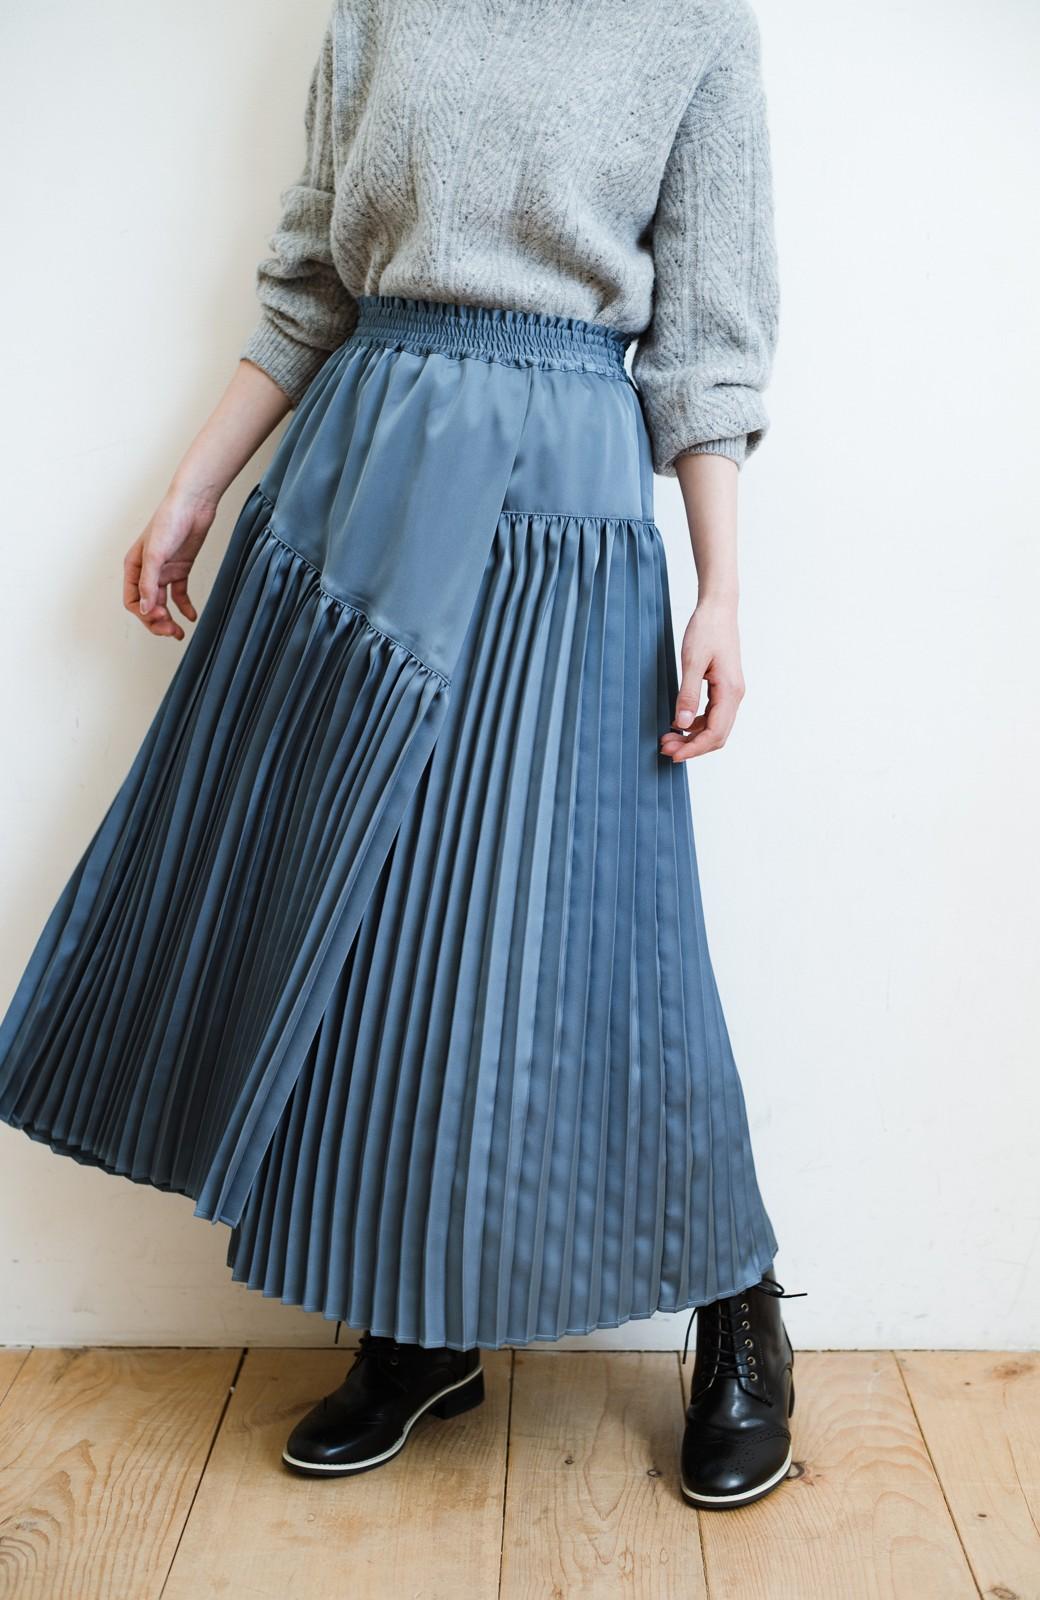 haco! 【スザンヌさんコラボ】スウェットもTシャツも着映えさせる!ラップデザイン風アシンメトリーサテンプリーツスカート by LOVE&PEACE PROJECT <ブルー>の商品写真1